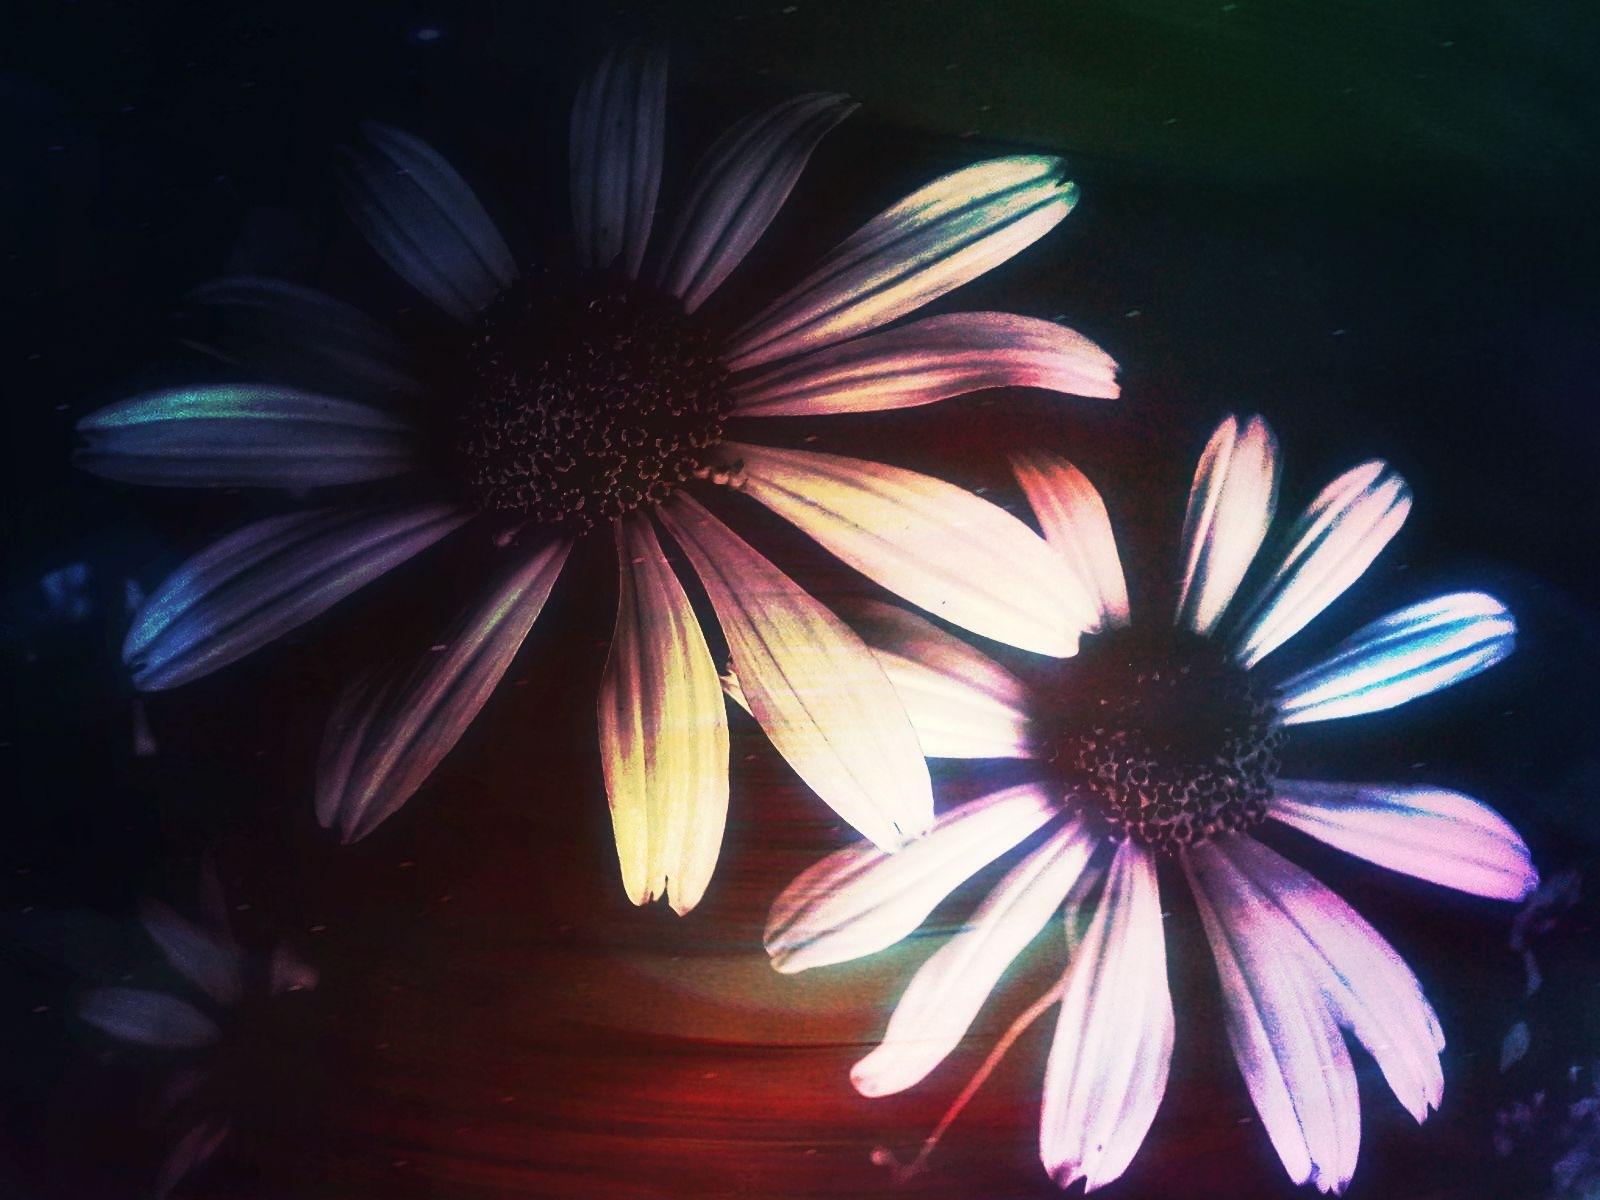 Daisies by natashaneit